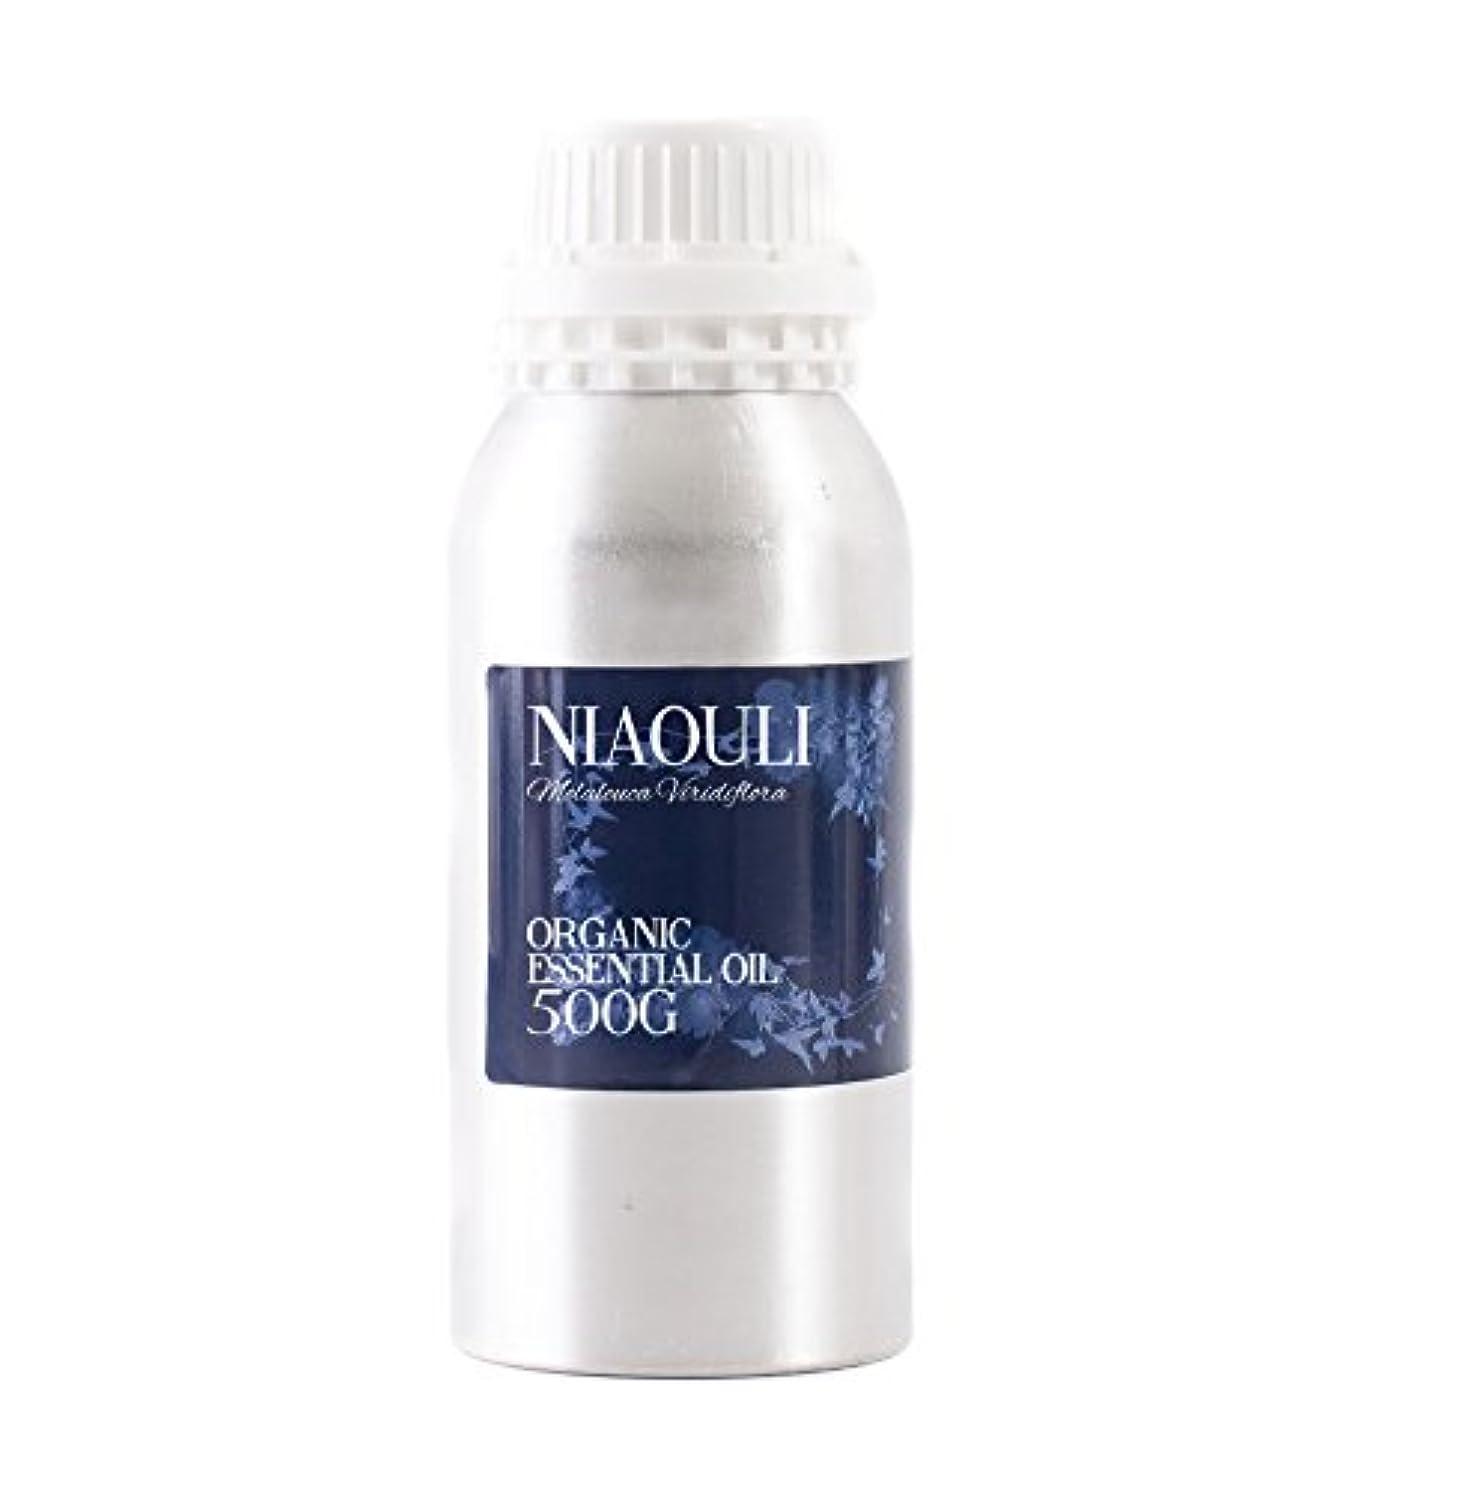 トランクライブラリ価値のないインフレーションMystic Moments   Niaouli Organic Essential Oil - 500g - 100% Pure